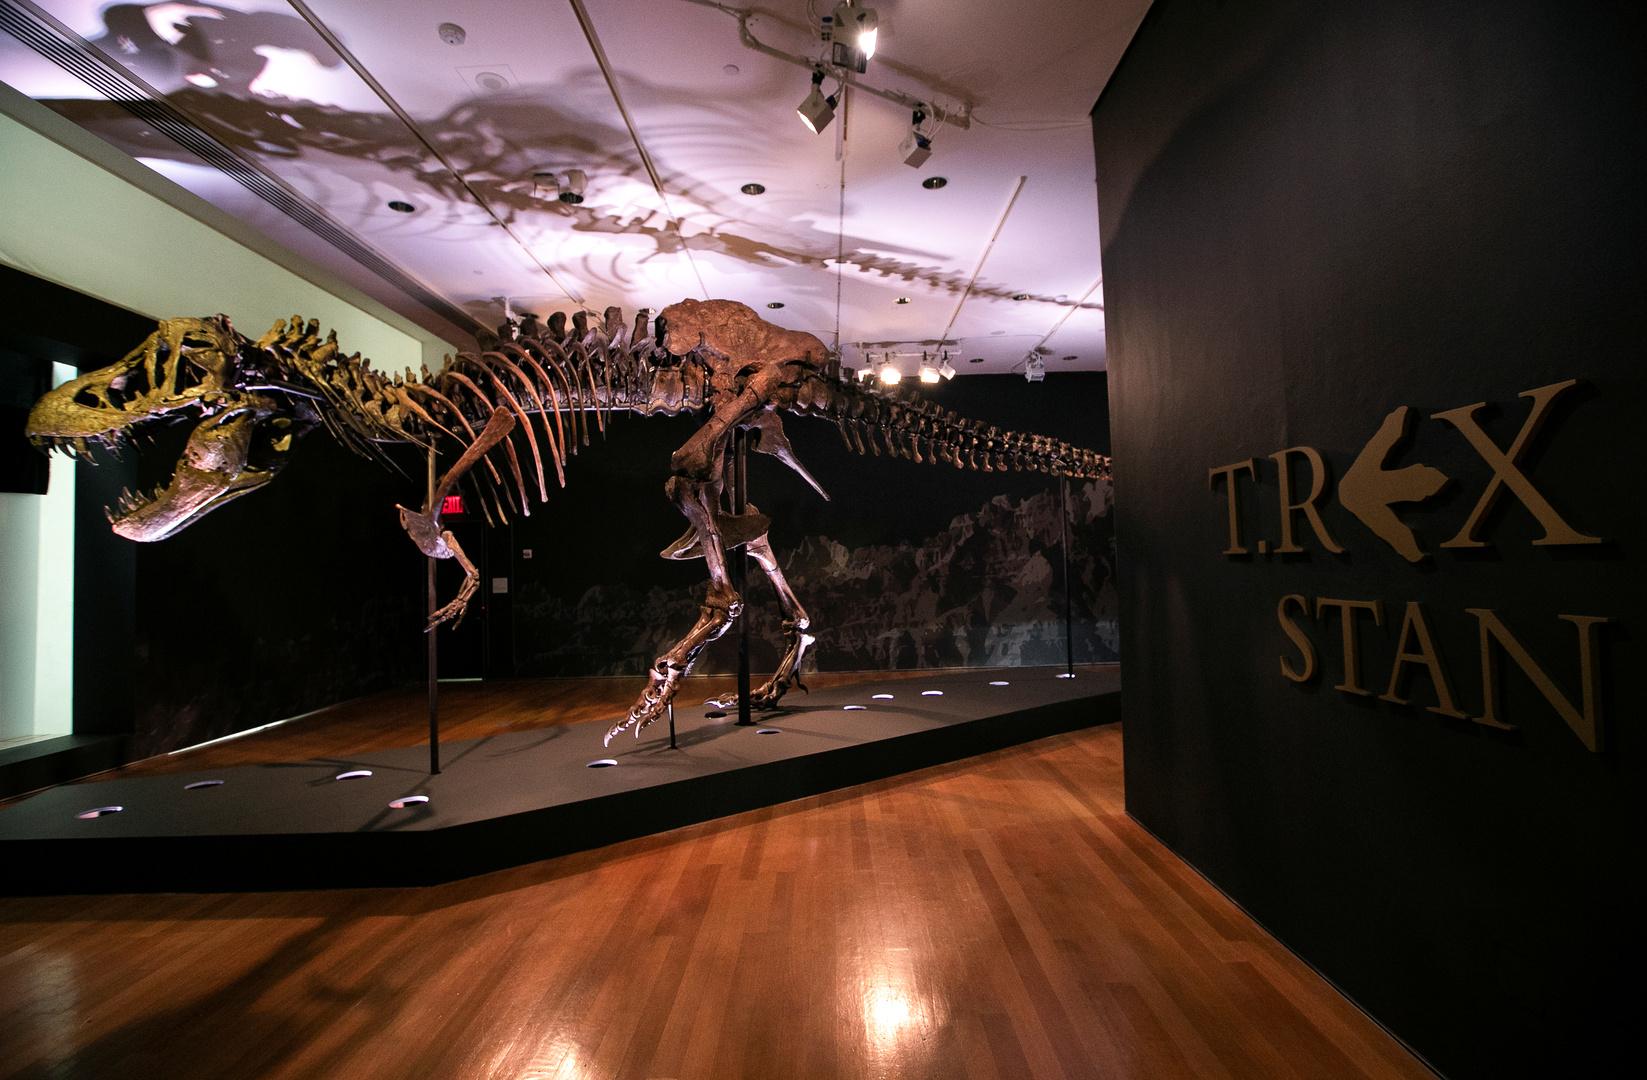 التيرانوصور T. rex الملقب بـ